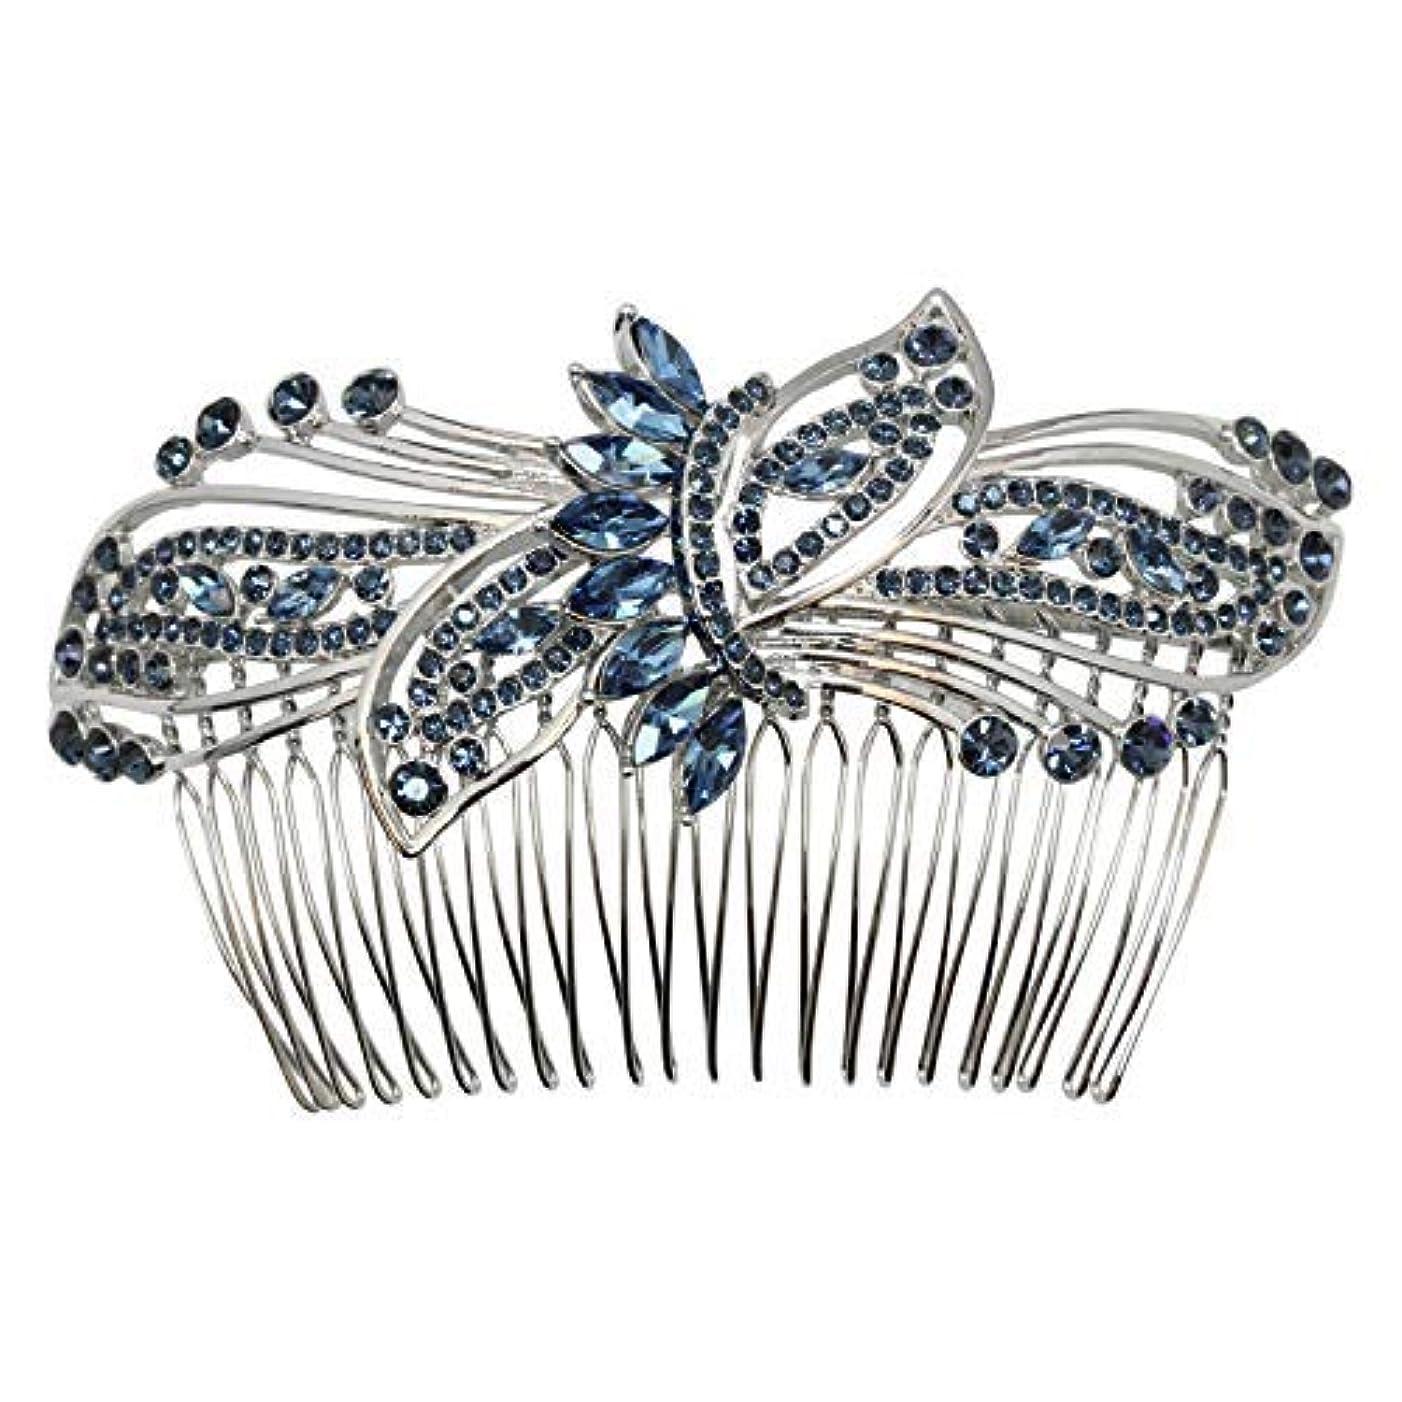 極小ブリッジ離れてFaship Gorgeous Navy Blue Rhinestone Crystal Huge Floral Hair Comb [並行輸入品]